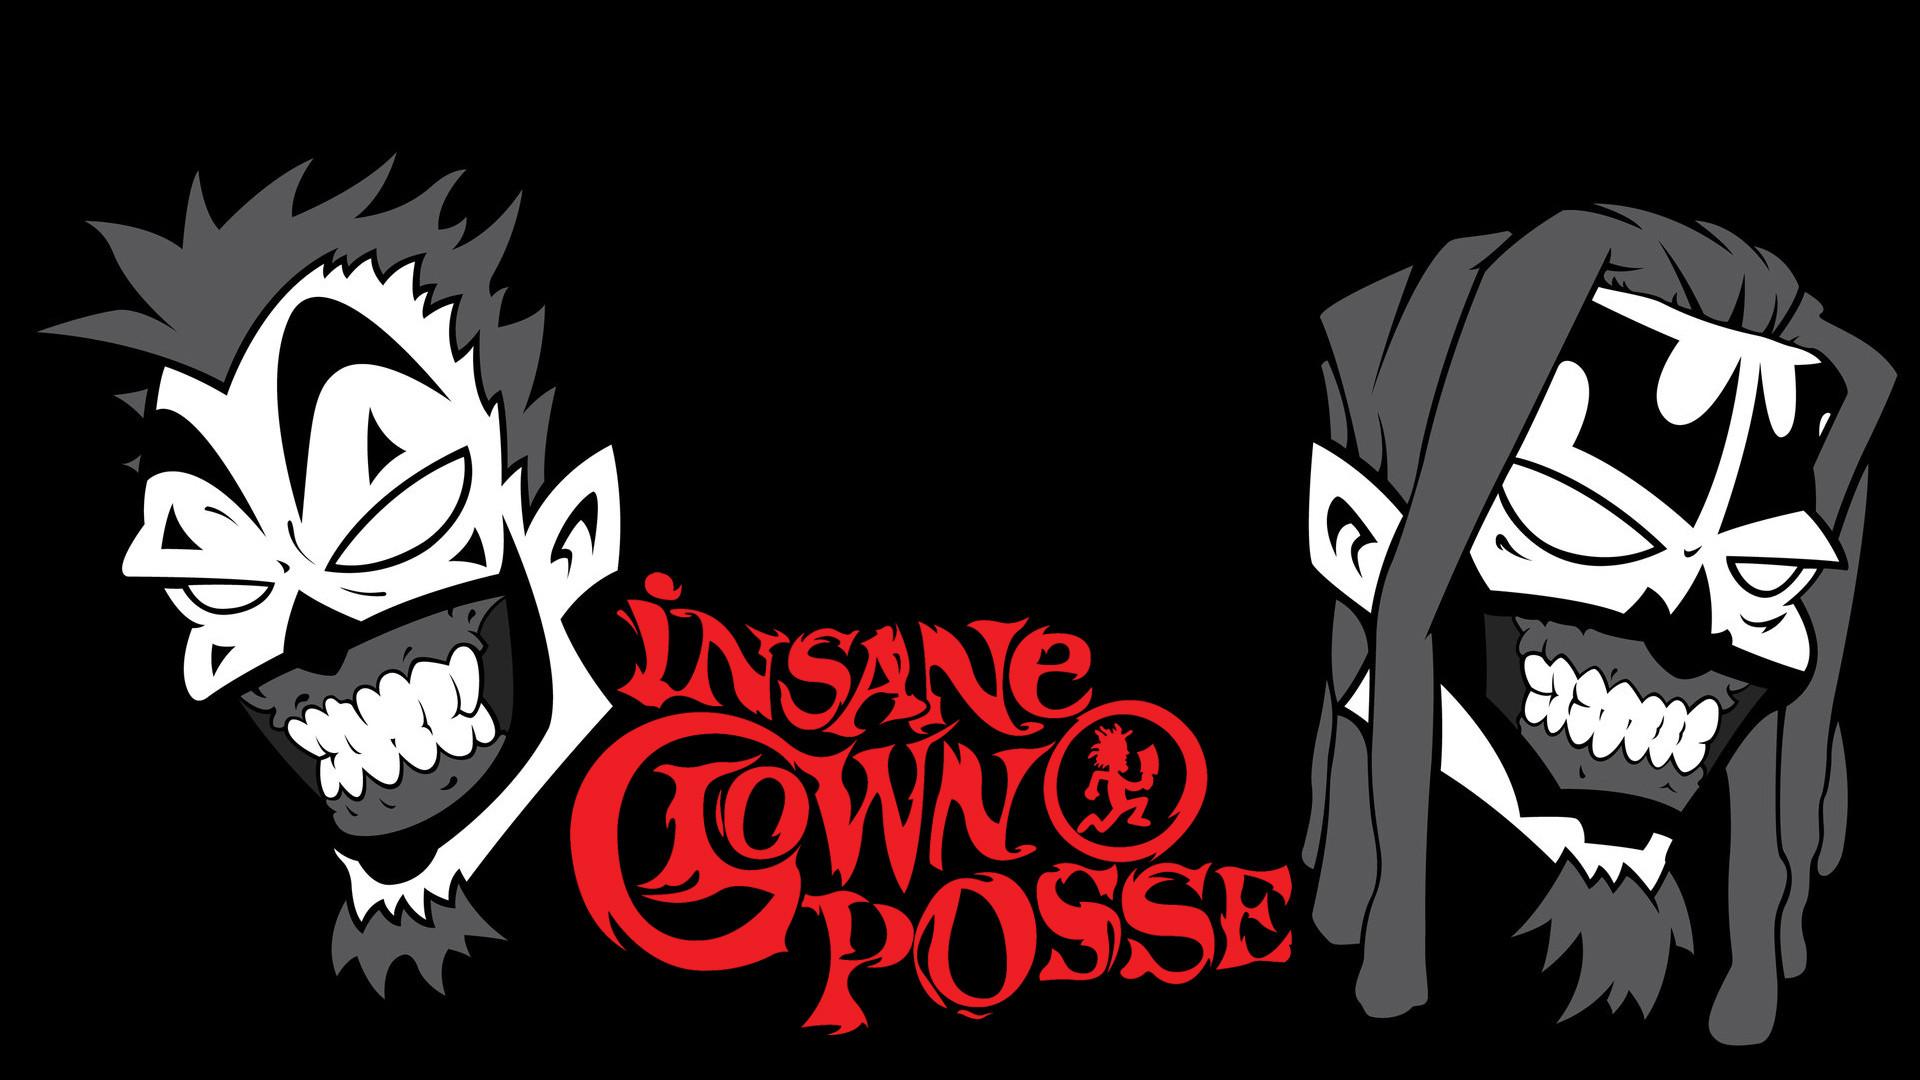 Insane Clown Posse backdrop wallpaper